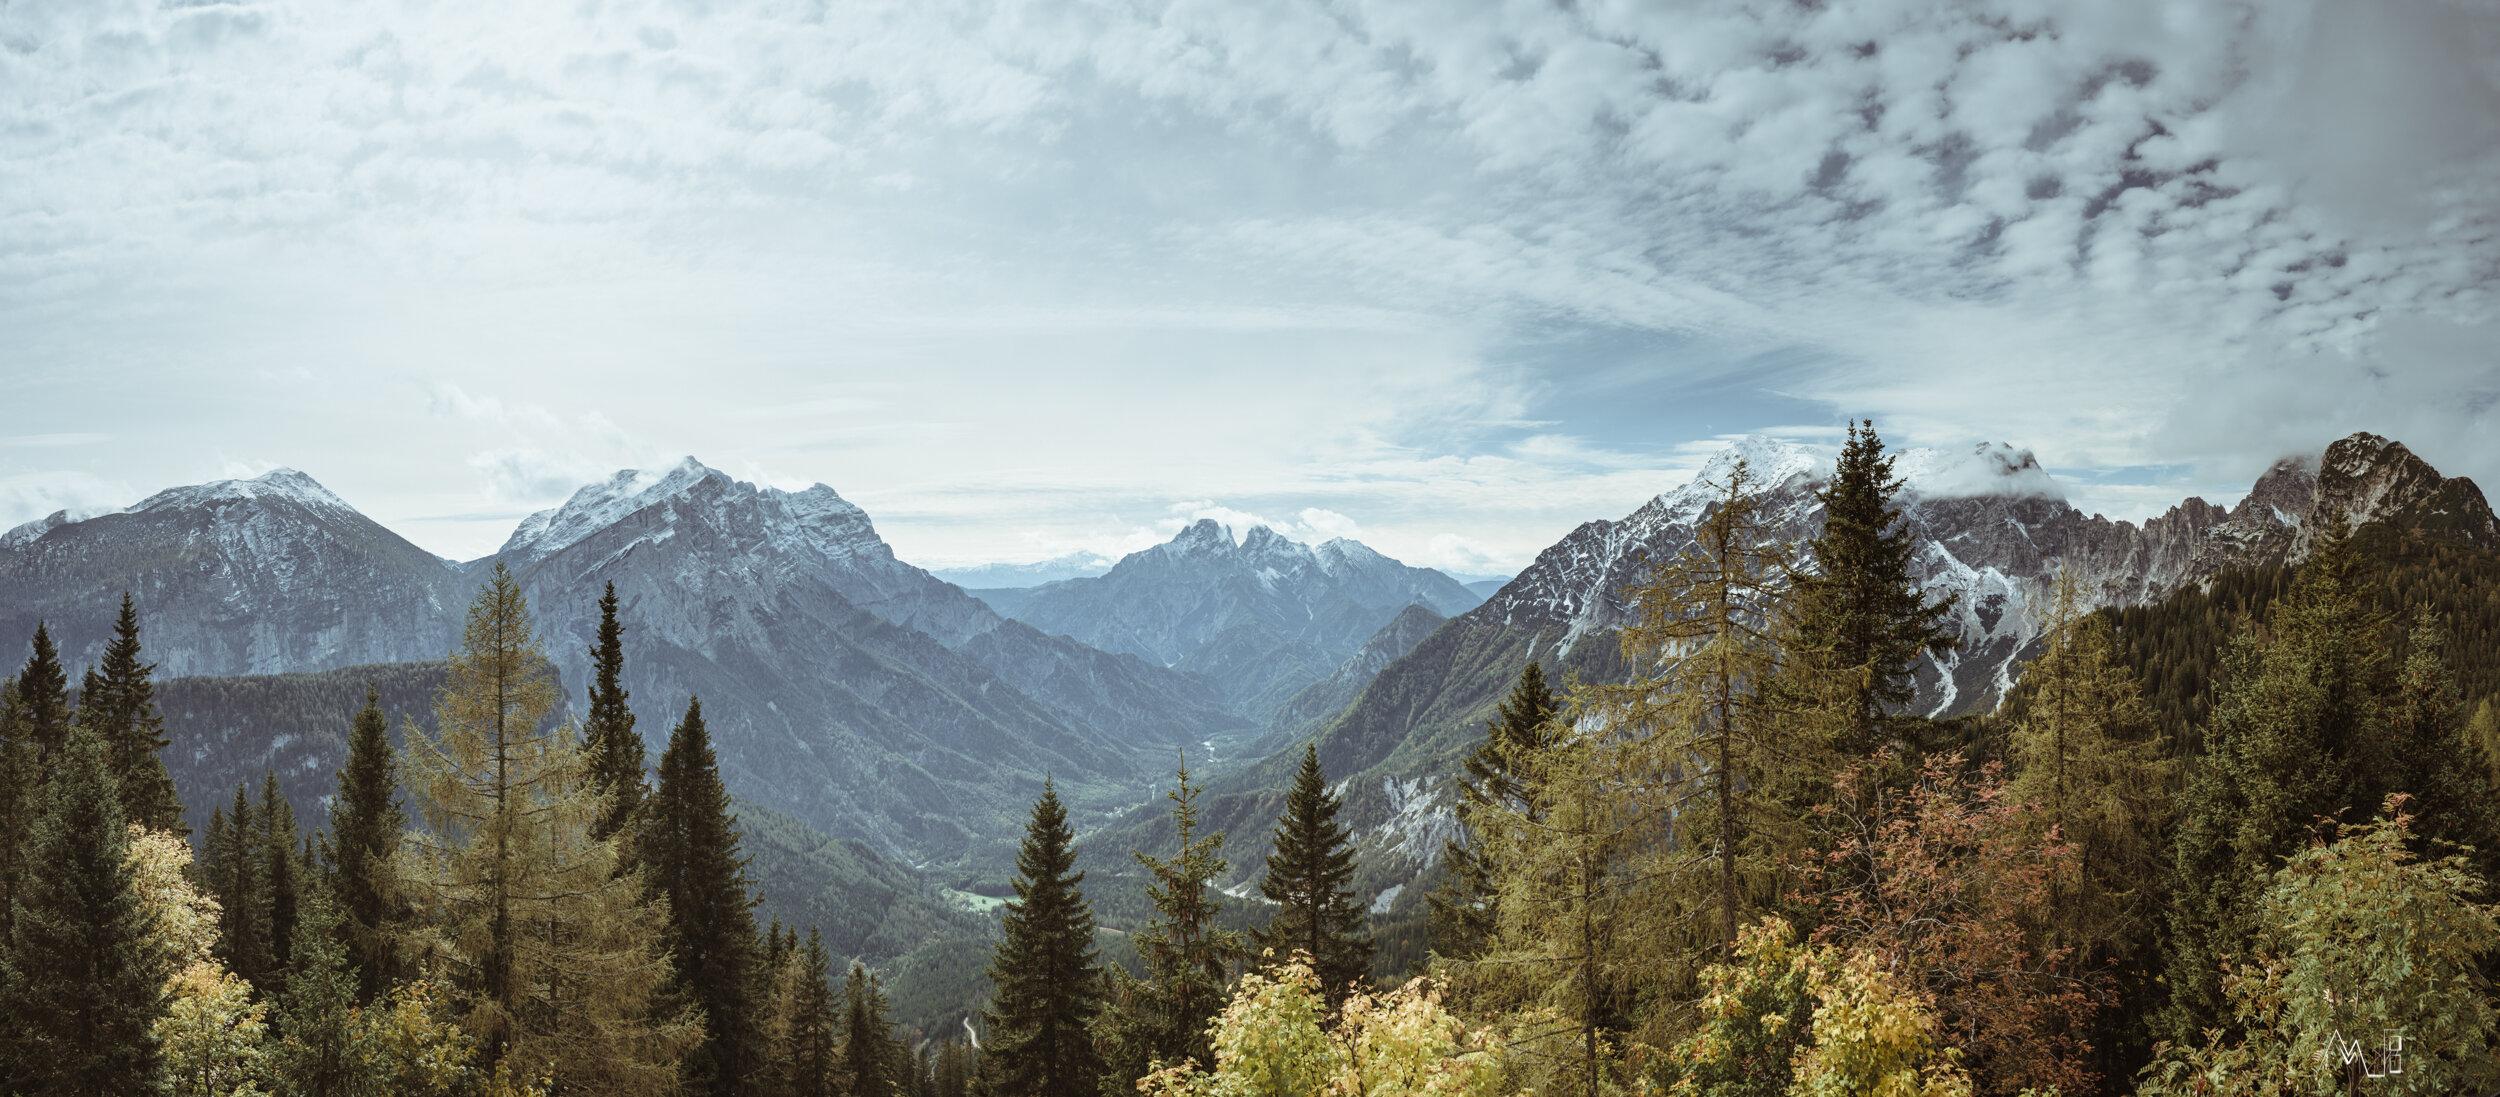 Traumhafter Ausblick von der Ennstaler Hütte Richtung Großer Ödstein, Reichenstein usw.